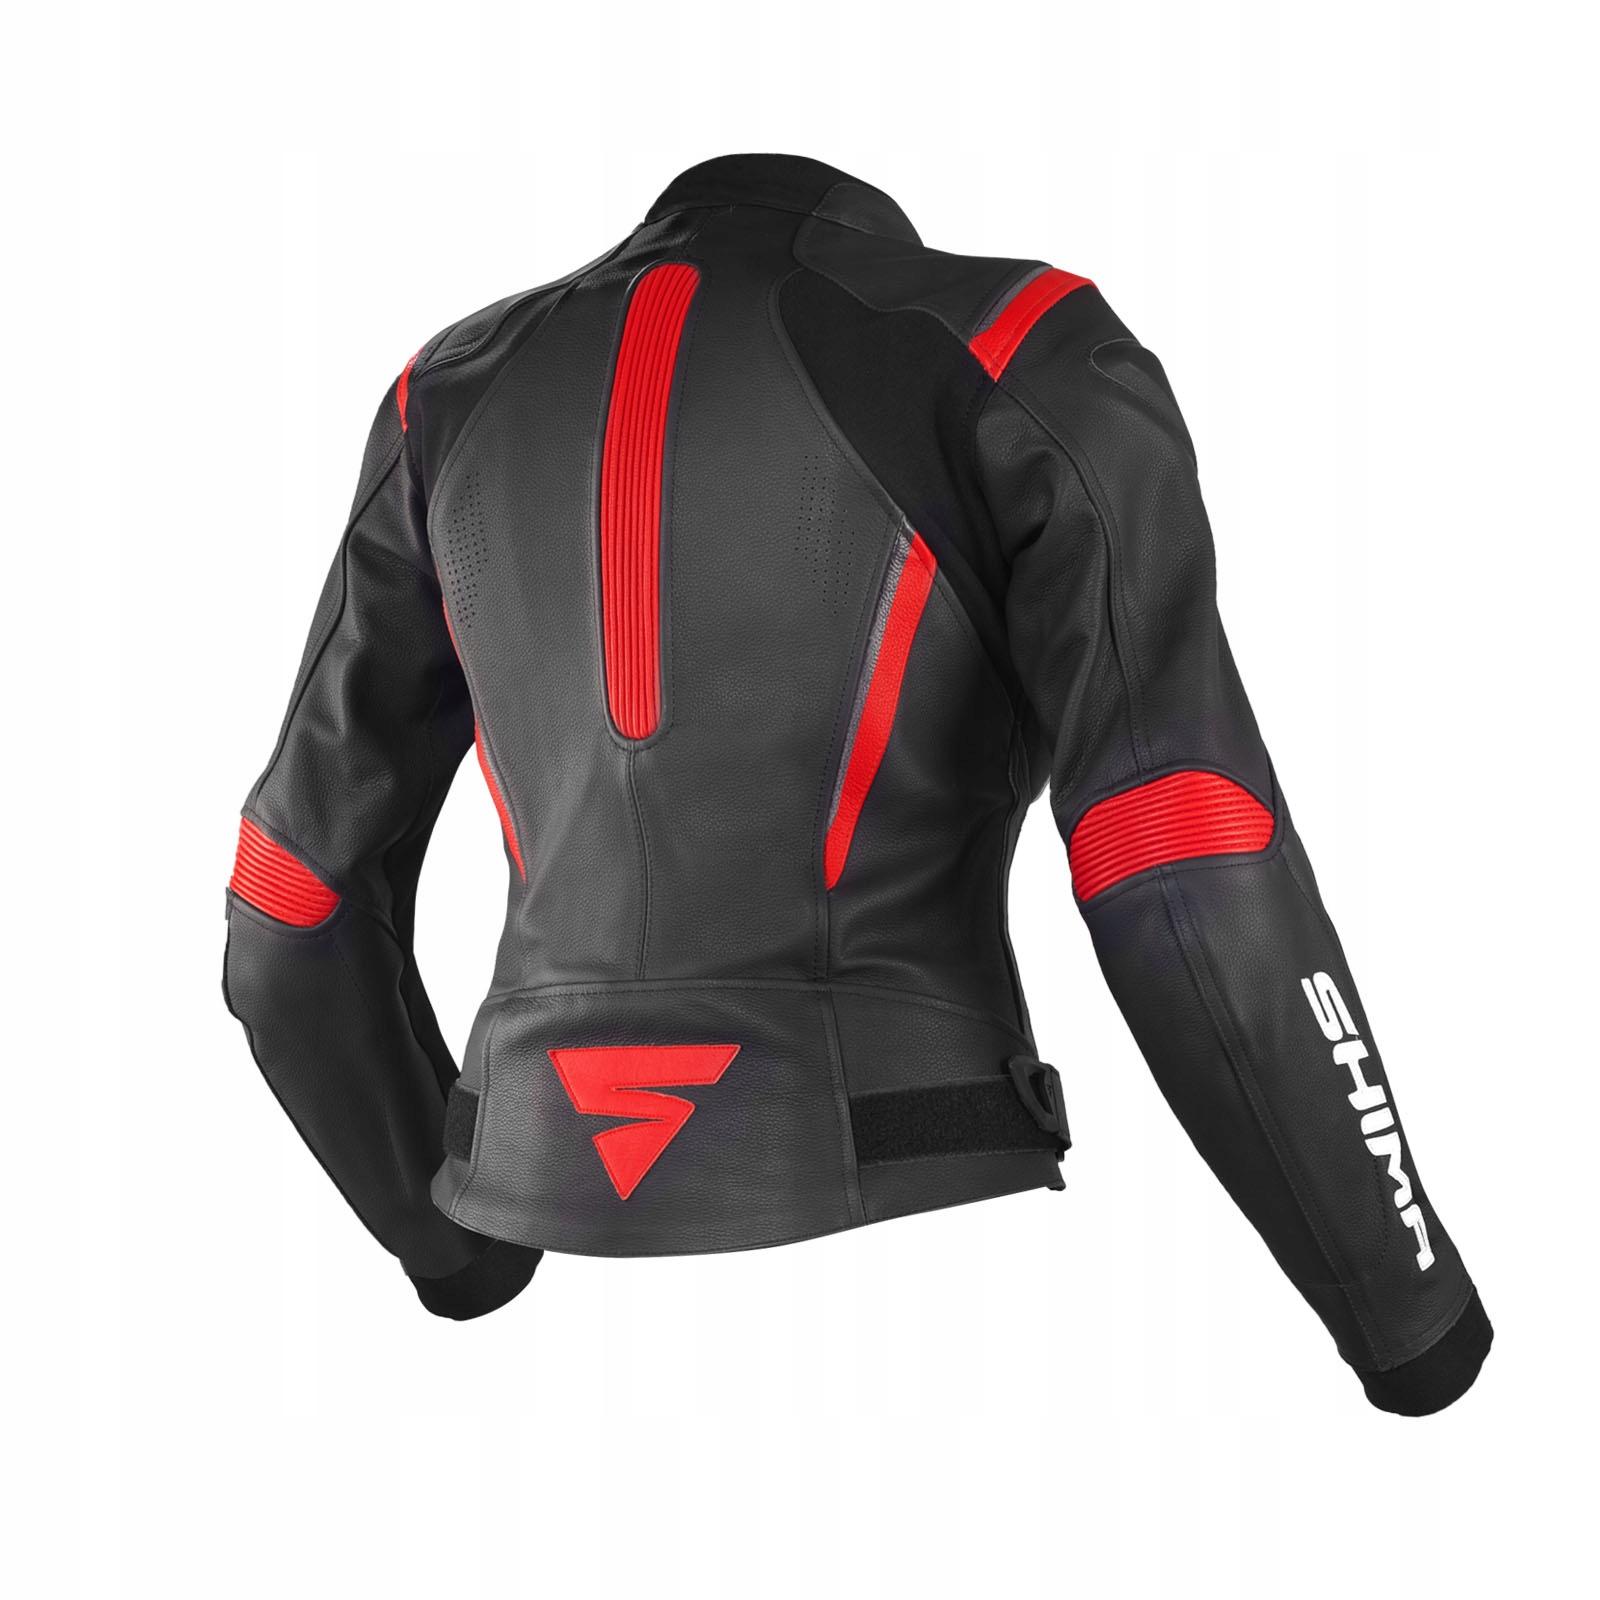 Shima miura куртка мотоциклетная кожанная 38 gratisy, фото 1